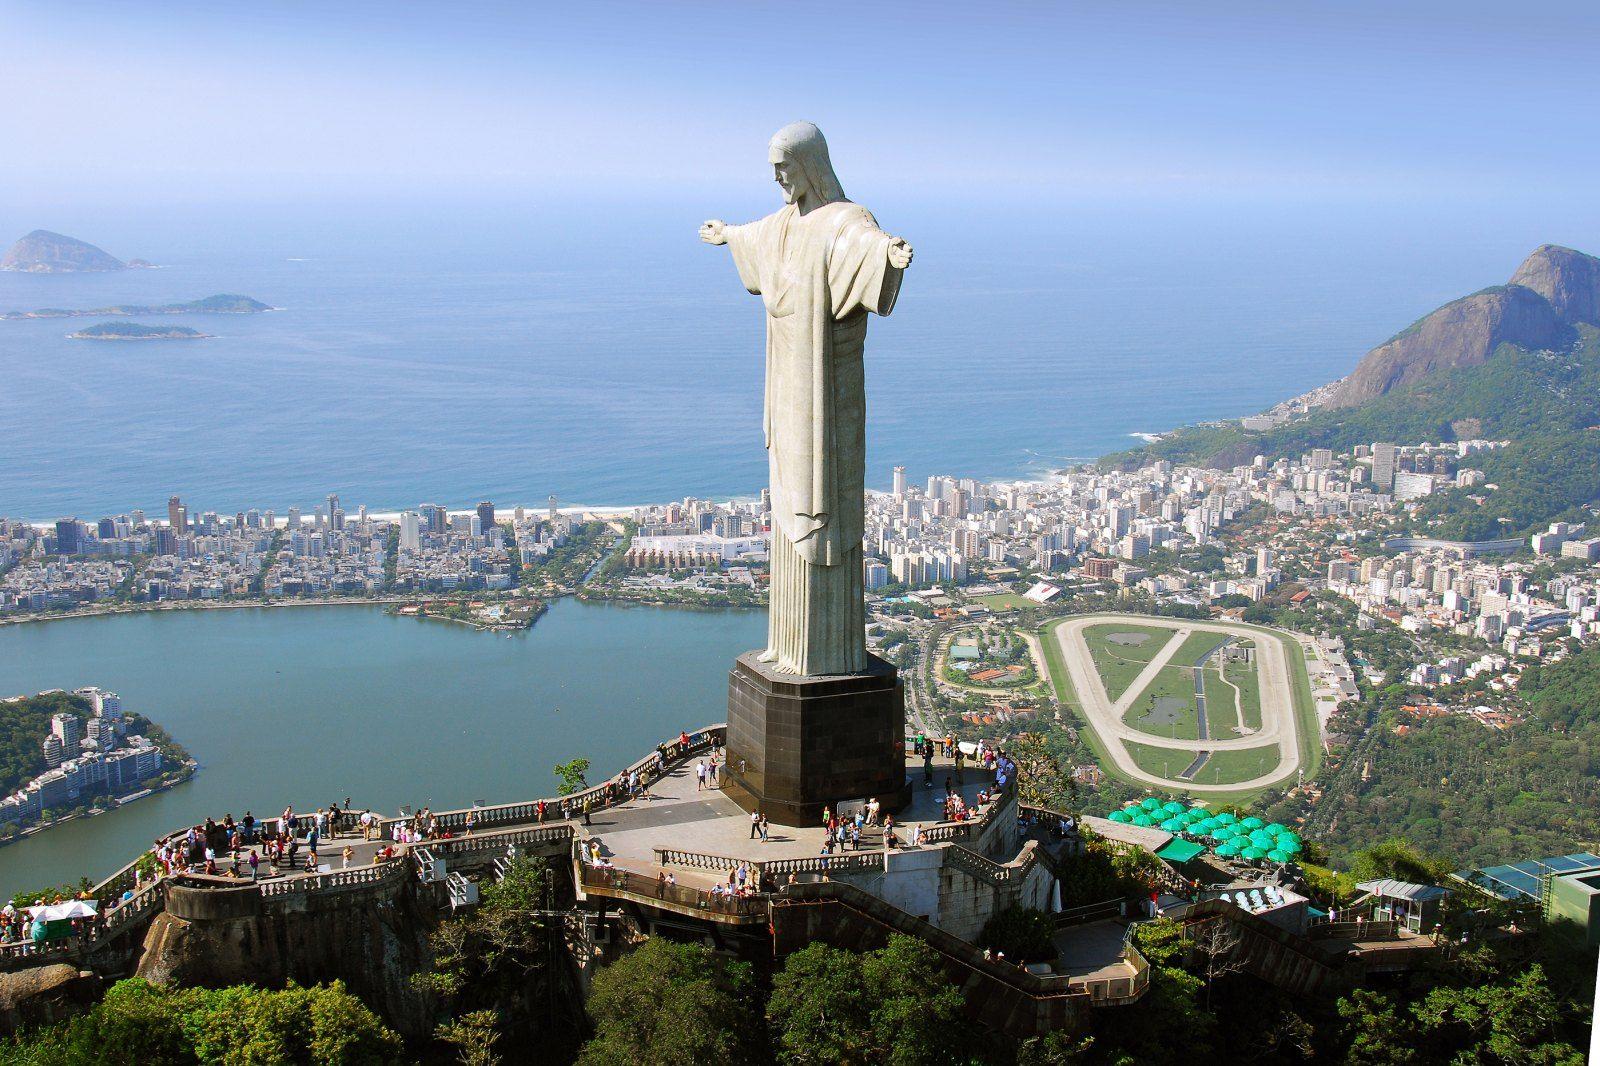 Cristo Redentor No Rio De Janeiro Hd Fotoswiki Org Lugares Incriveis Para Visitar Cristo Redentor Brasil Turismo